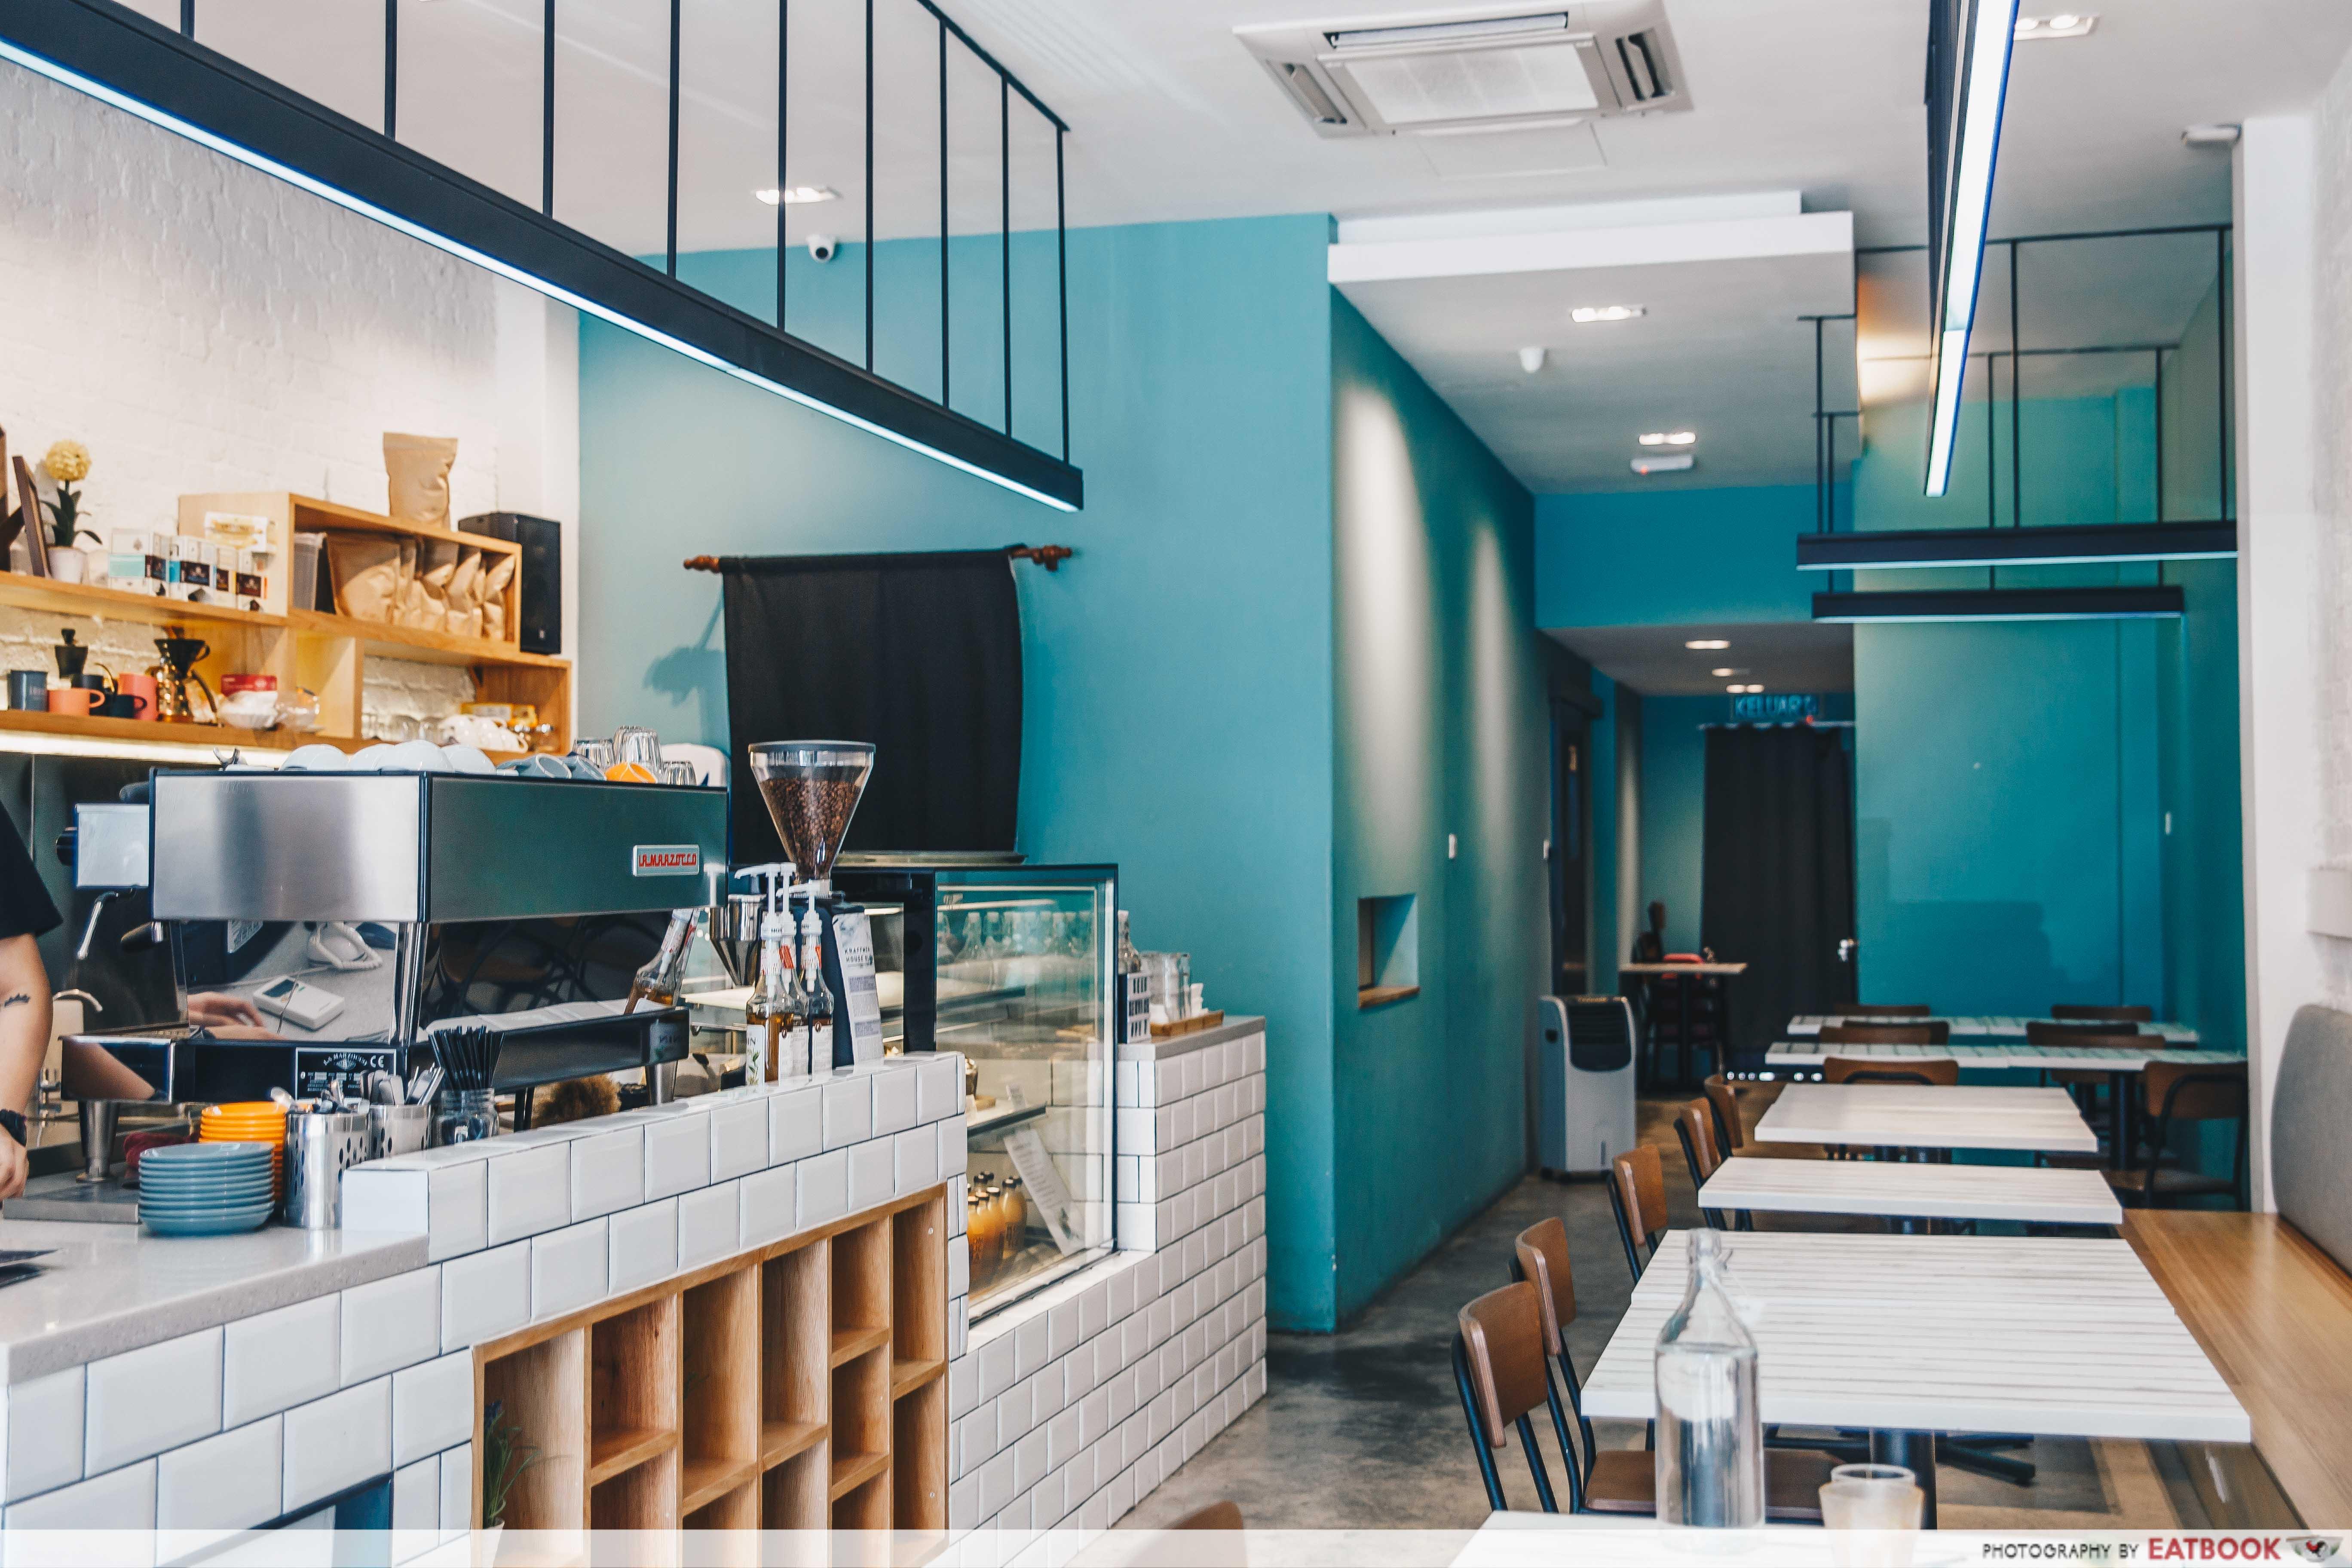 Cafes in Penang - Kraffmen Ambience